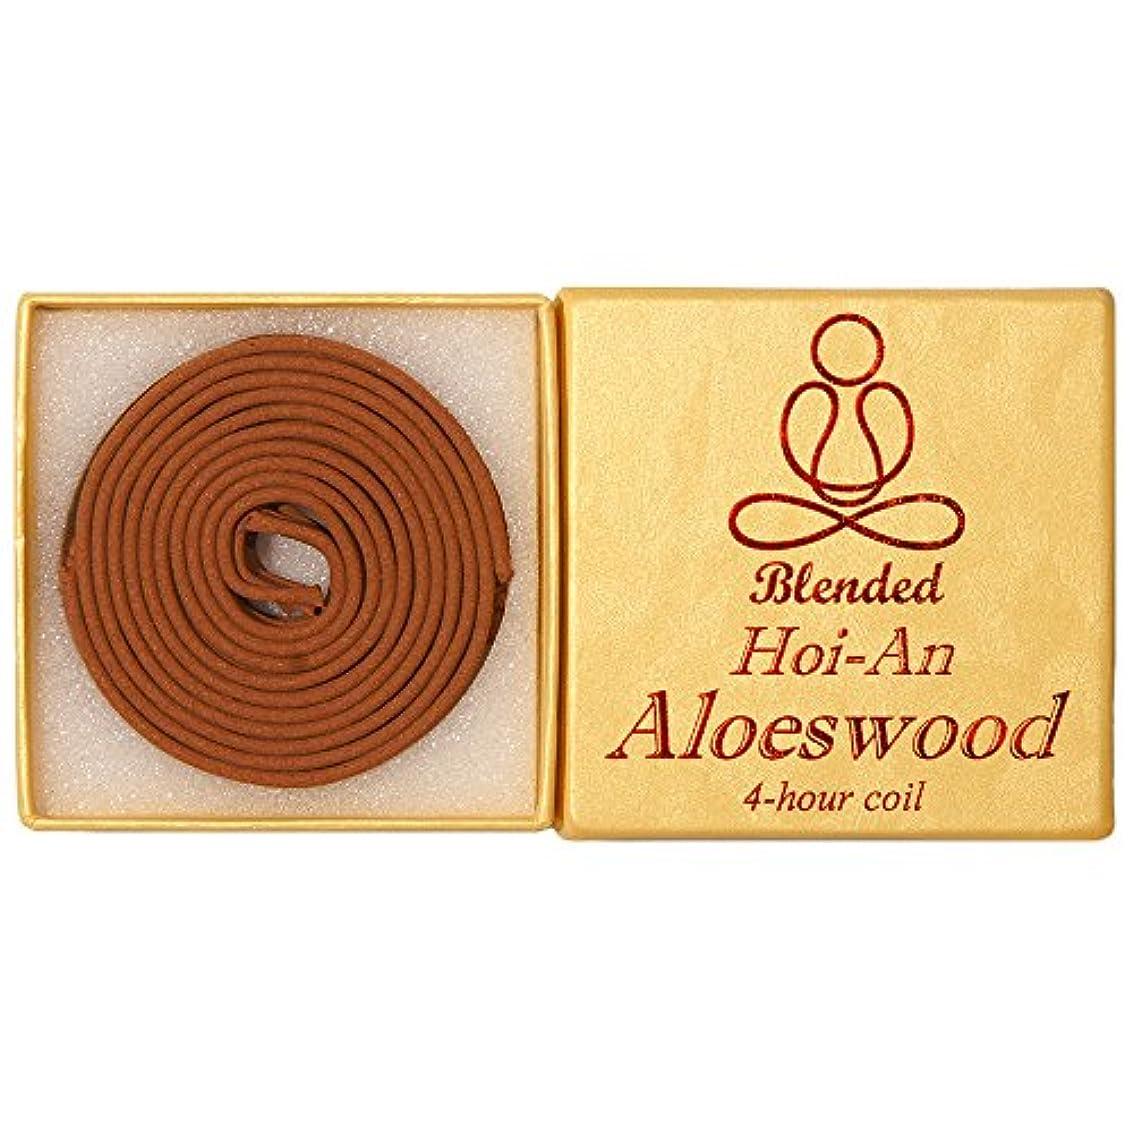 懲戒ガウン復讐Blended Hoi-An Aloeswood - 12 pieces 4-hour Coil - 100% natural - GHC152T